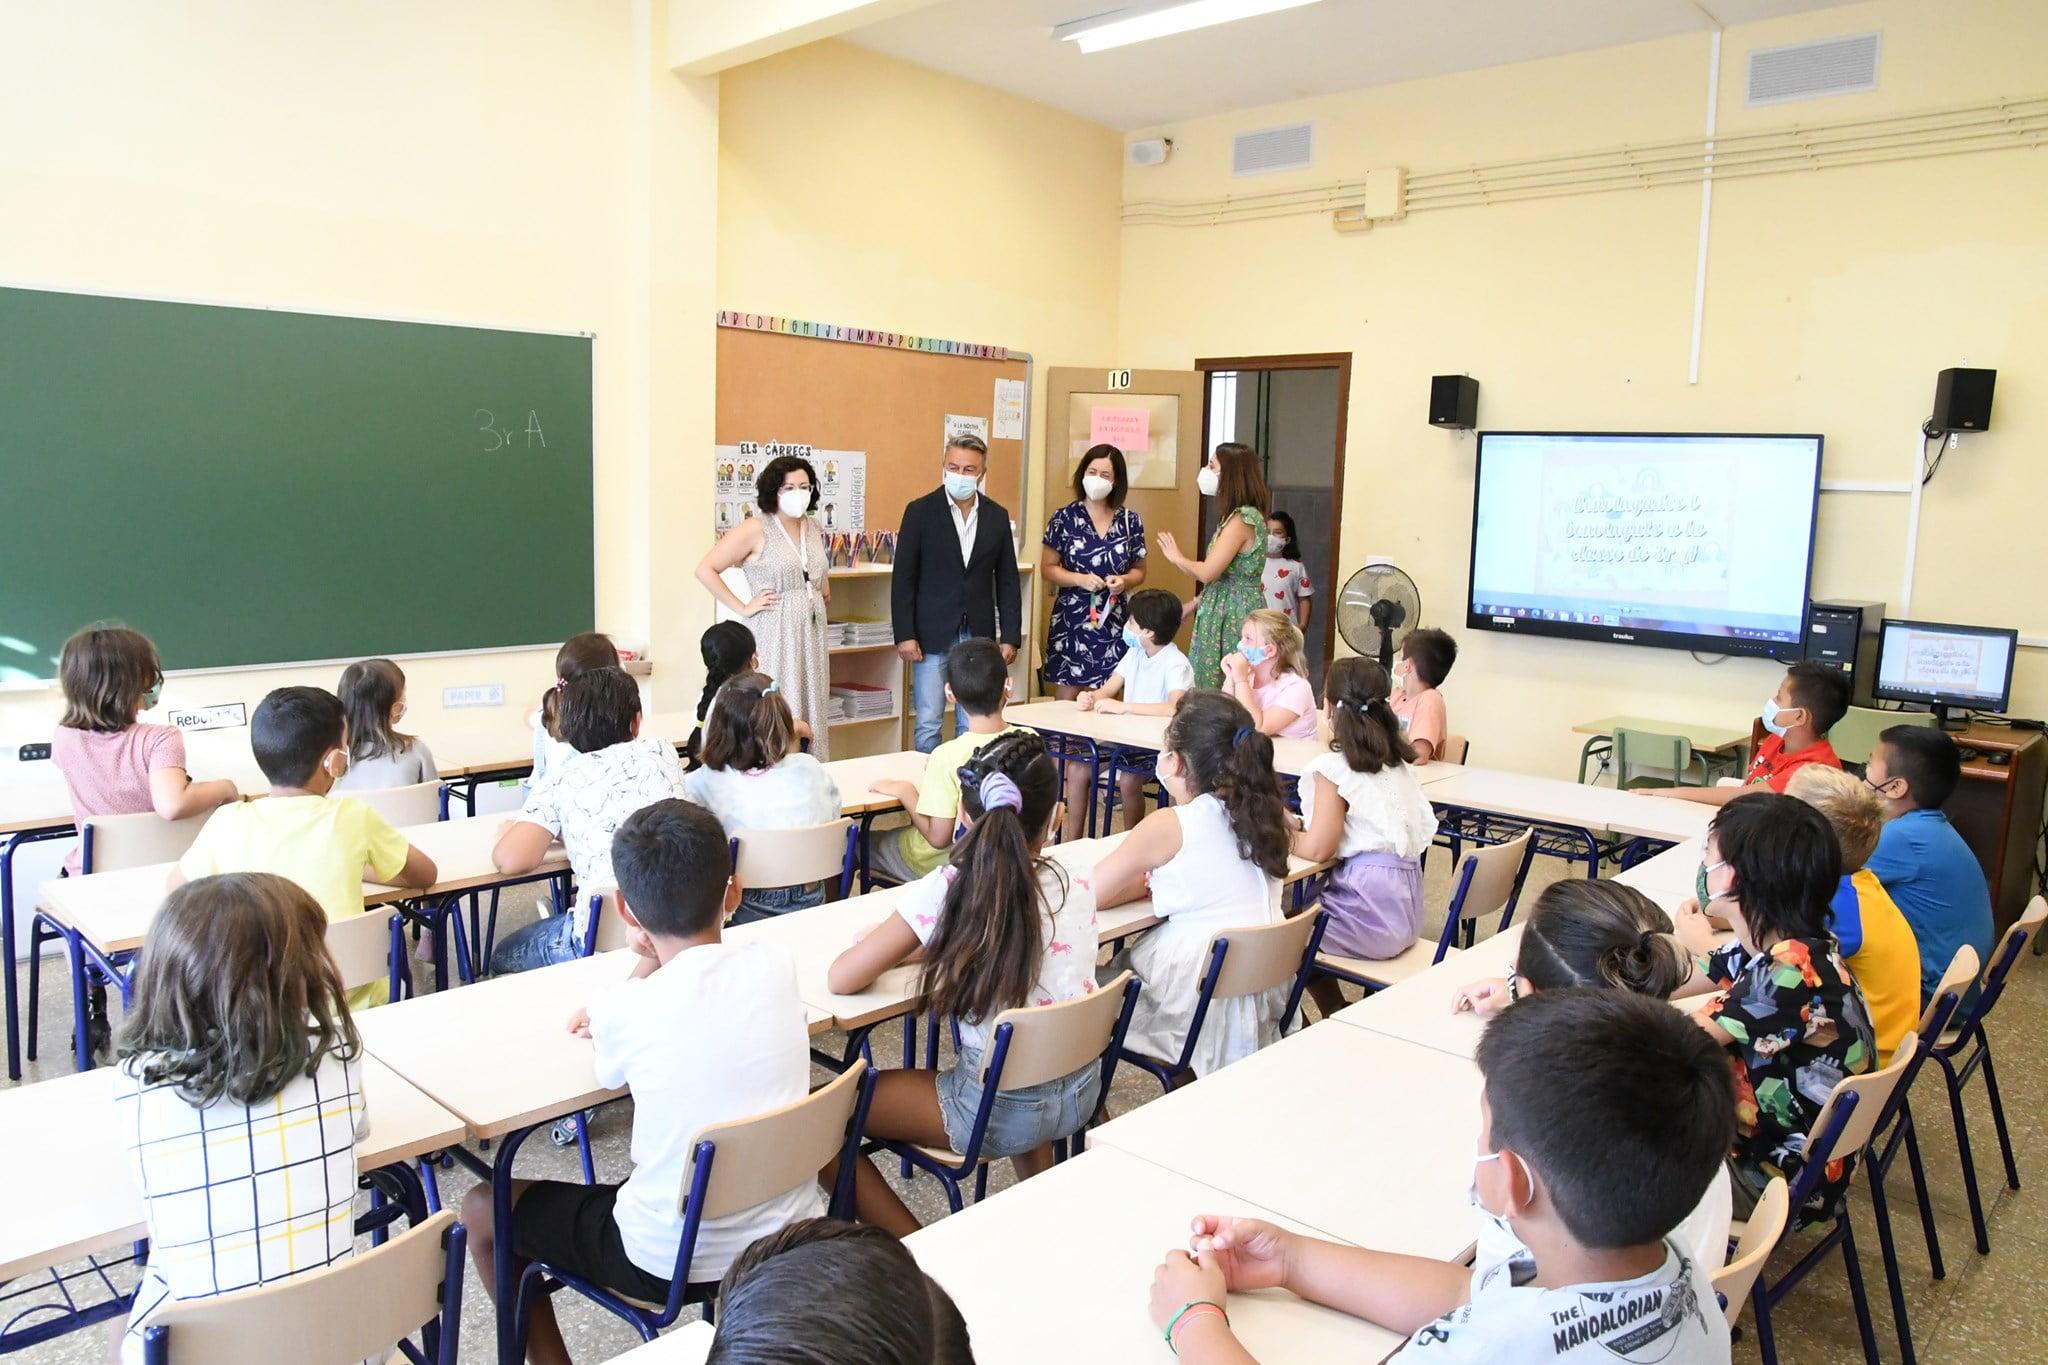 Visita a las aulas en el inicio del cole